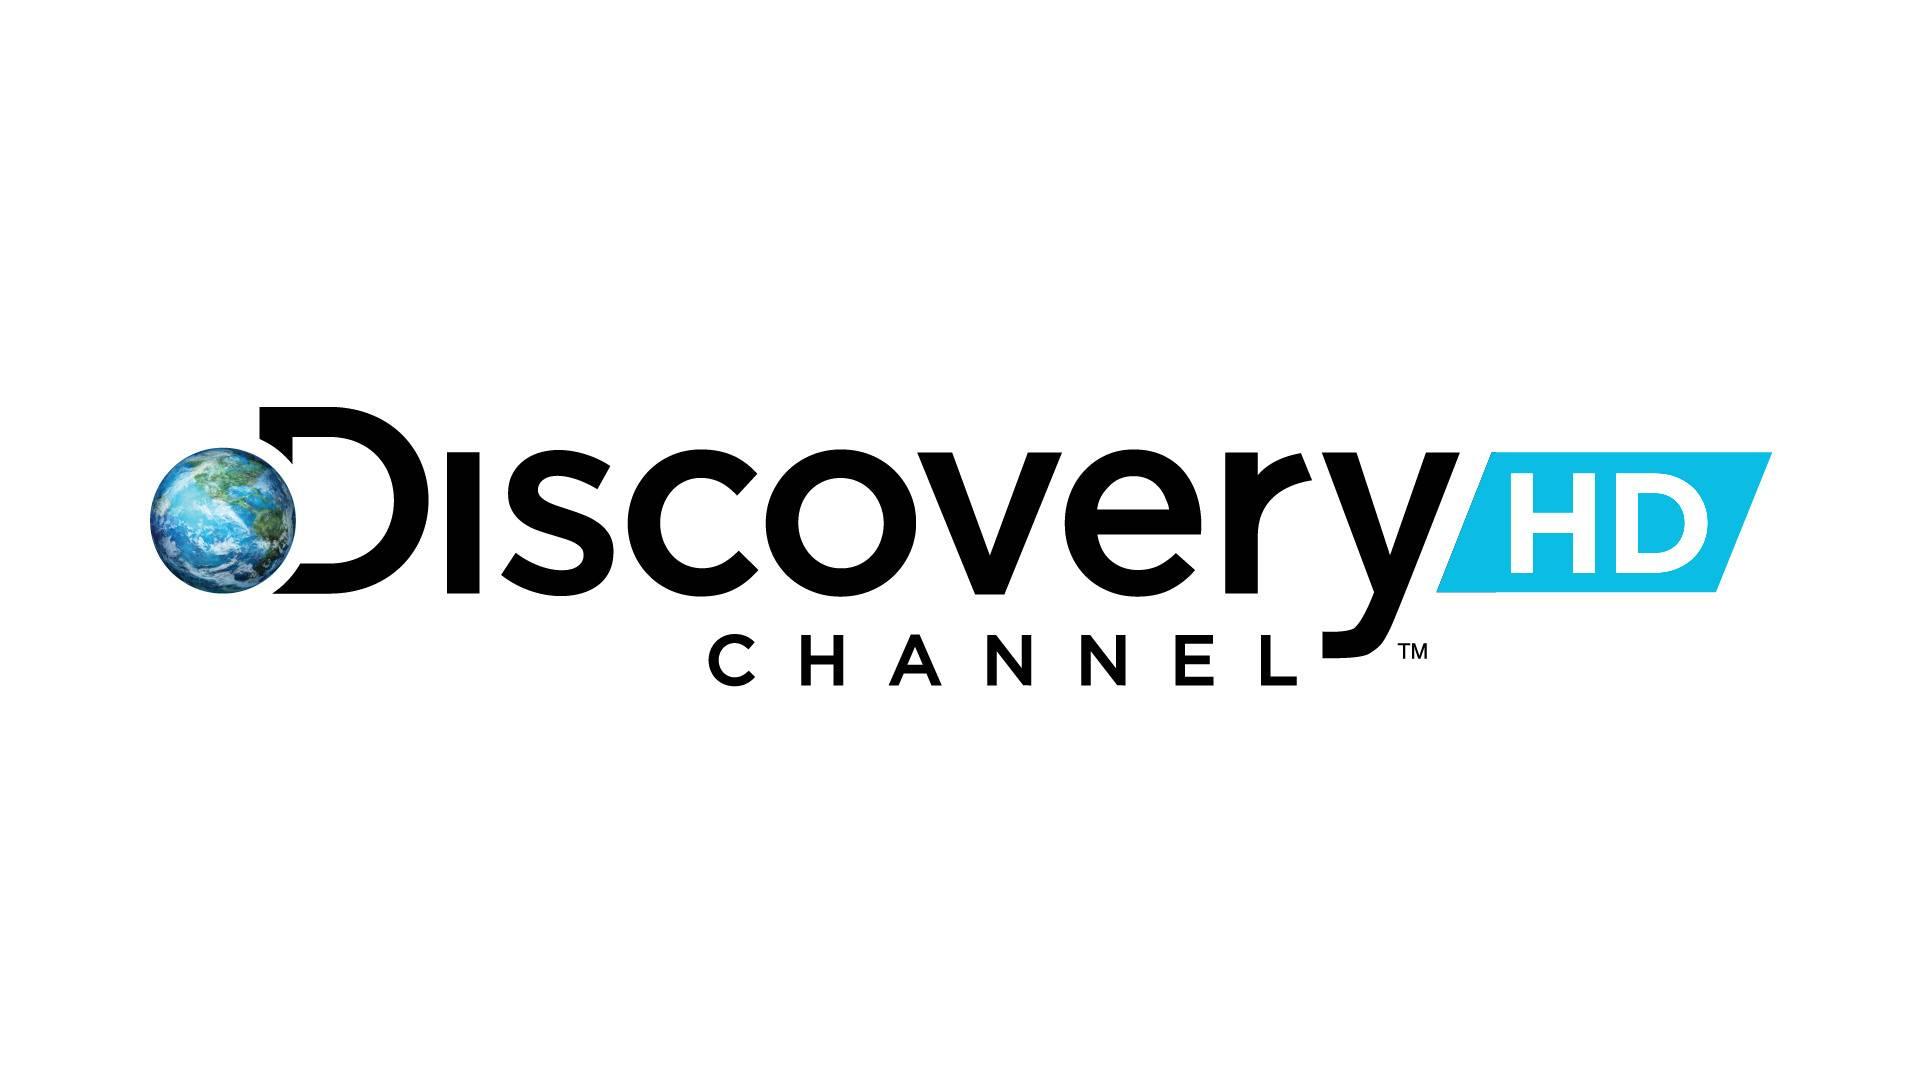 Каналы семейства Discovery